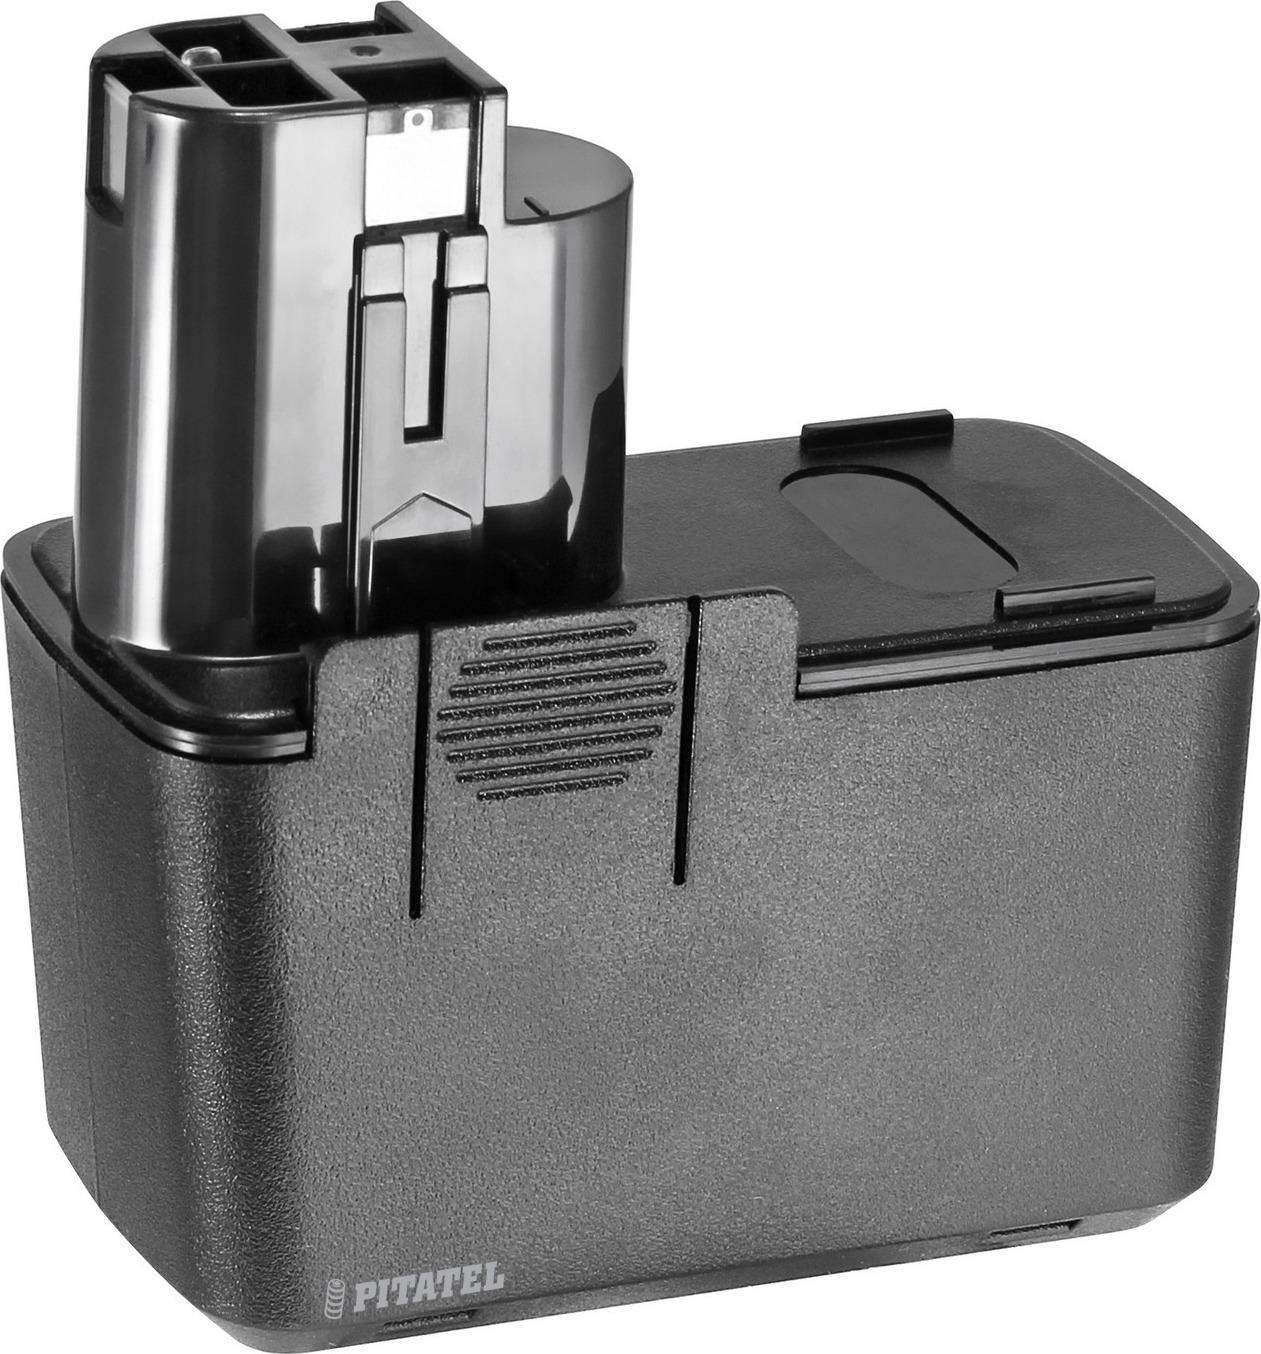 Аккумулятор для инструмента Pitatel для BOSCH. TSB-049-BOS12C-20C шкаф для белья с 1 дверью прованс левый